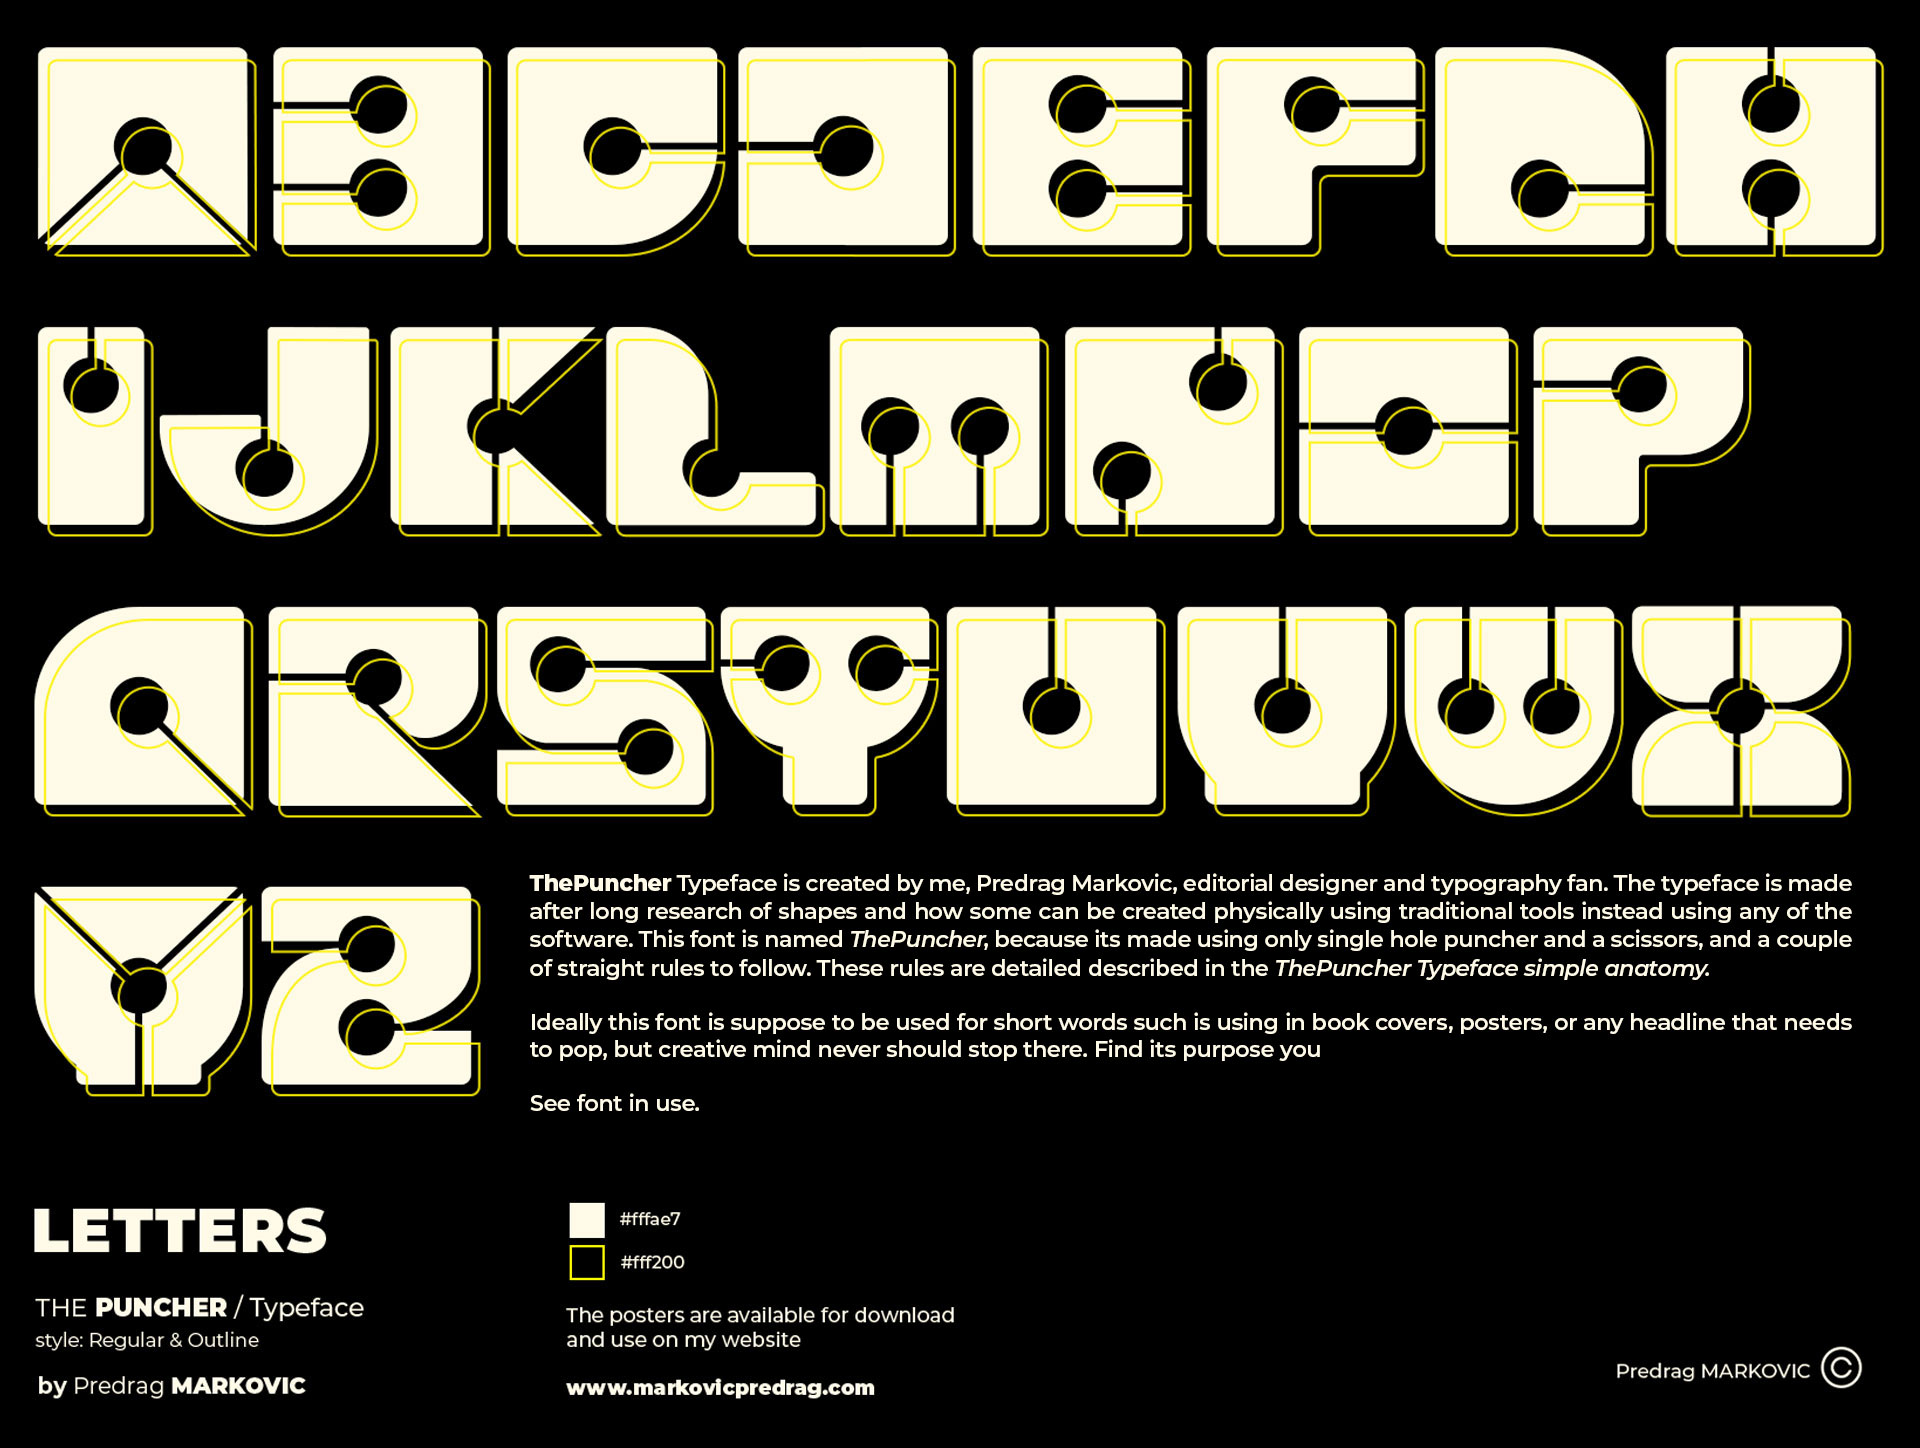 Letters-ThePuncher-Typeface-Black-BG